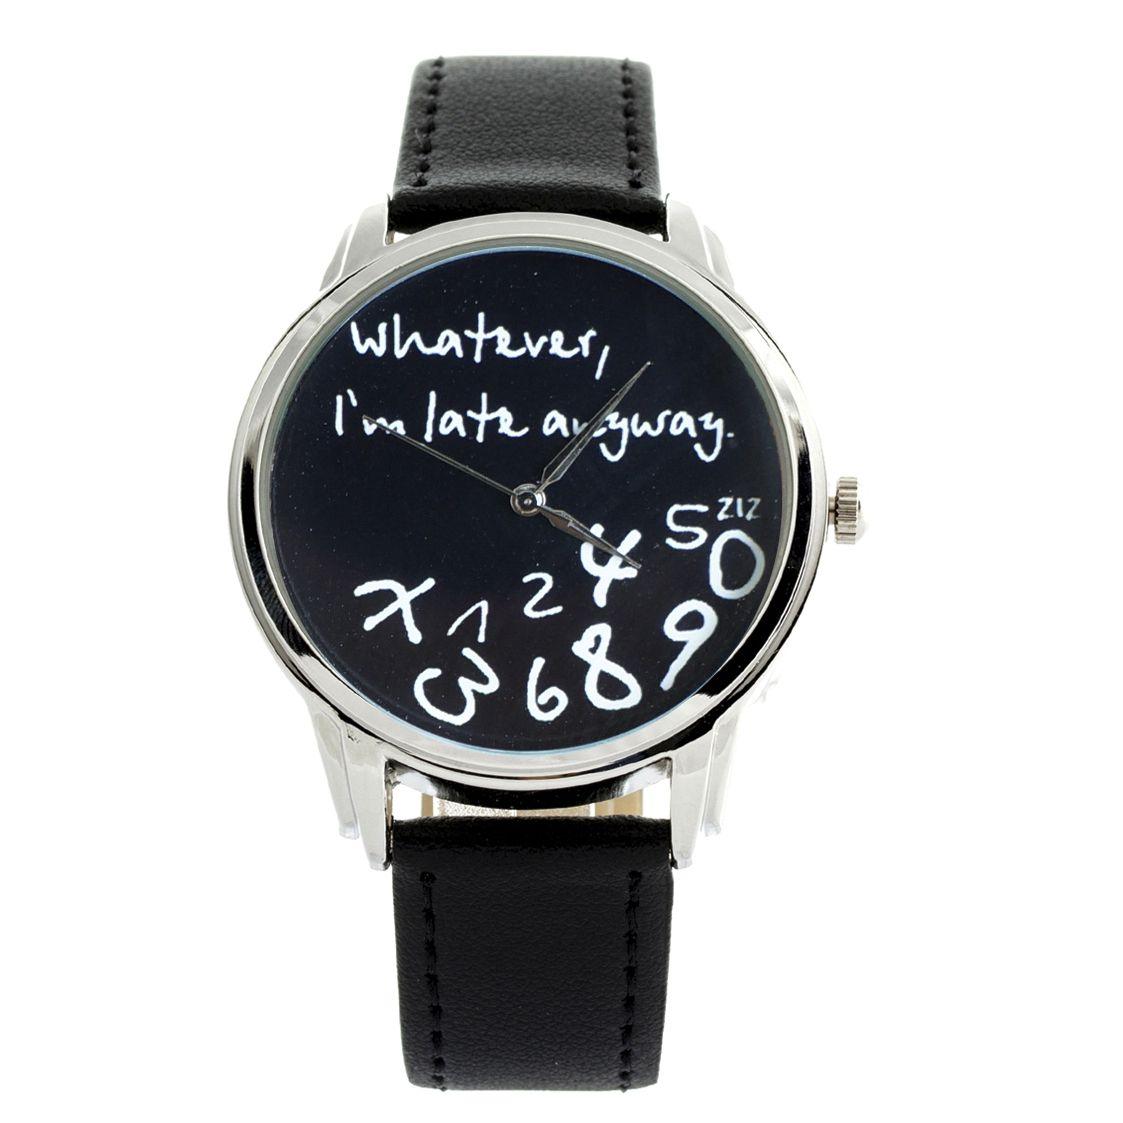 Black 'Whatever, I'm late anyway' ziz watch | ZIZ iz TIME